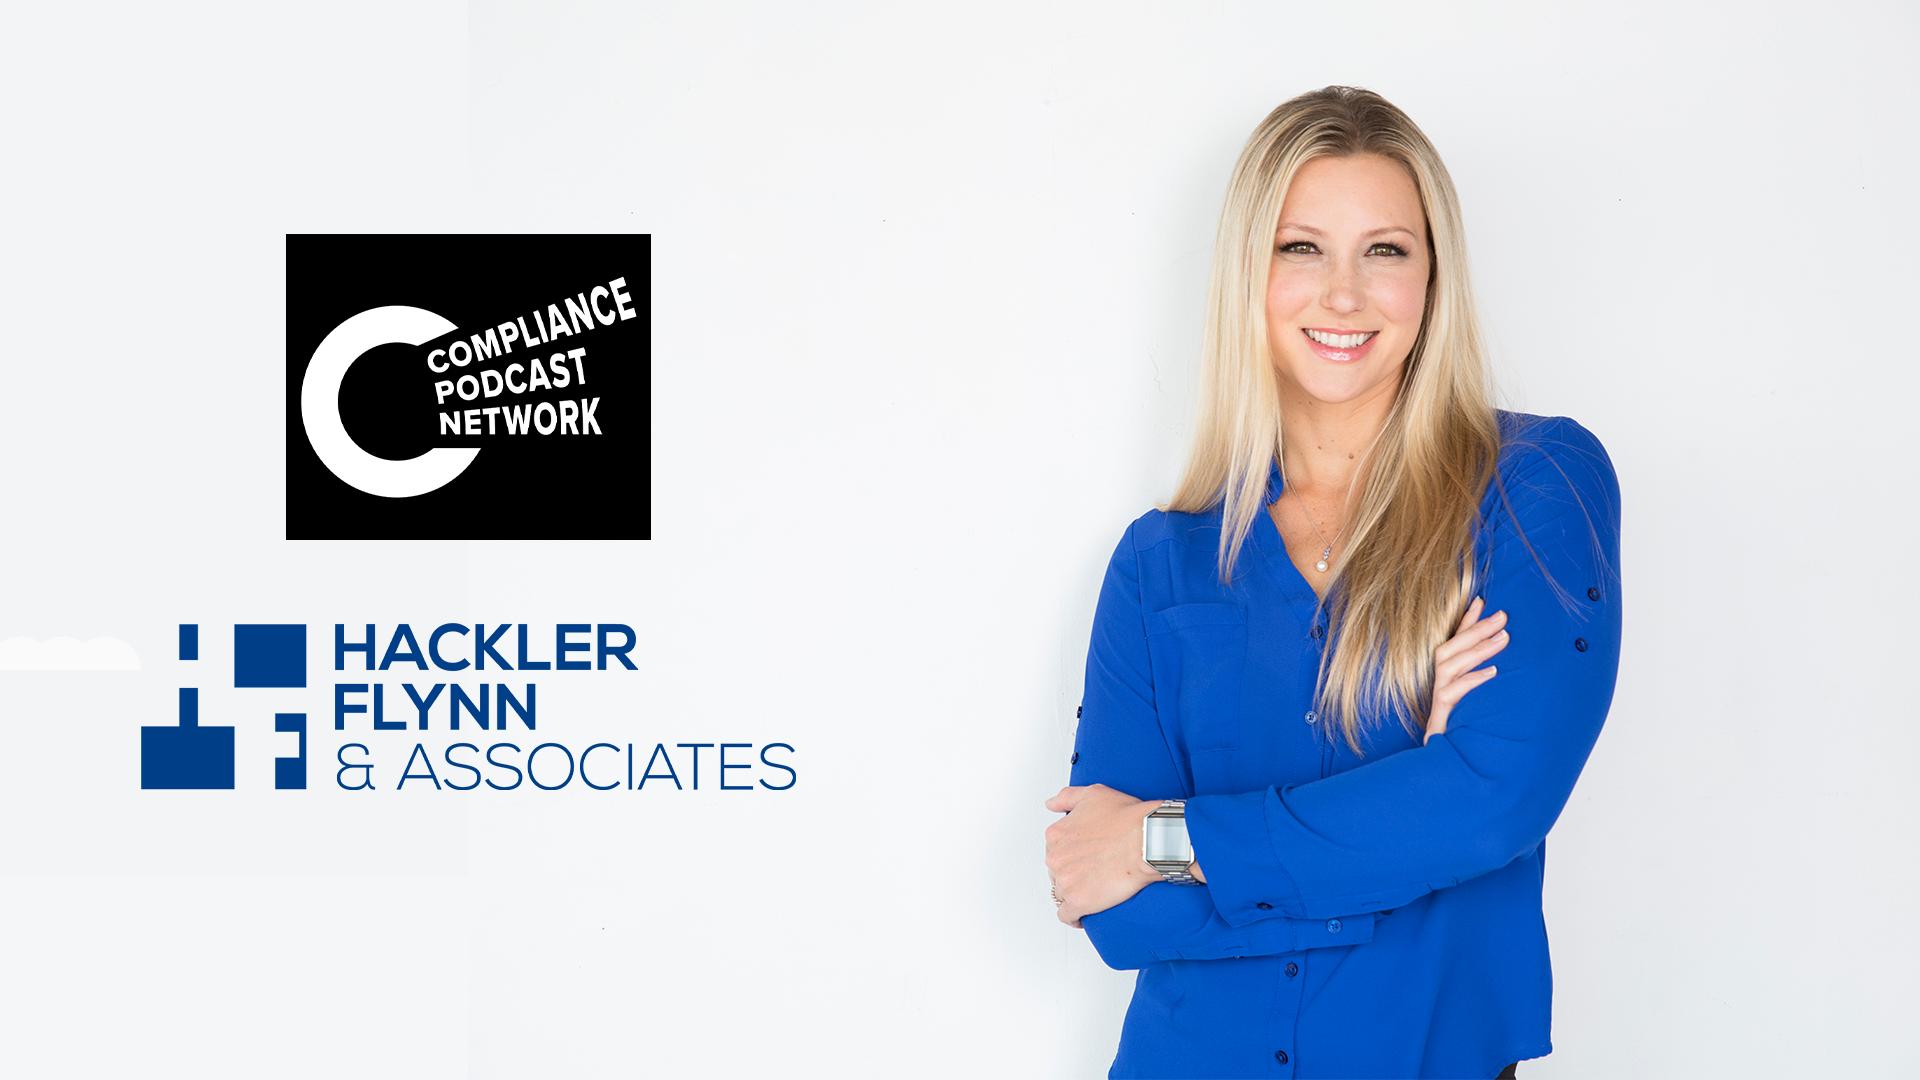 Hackler Flynn Compliance Podcast Network